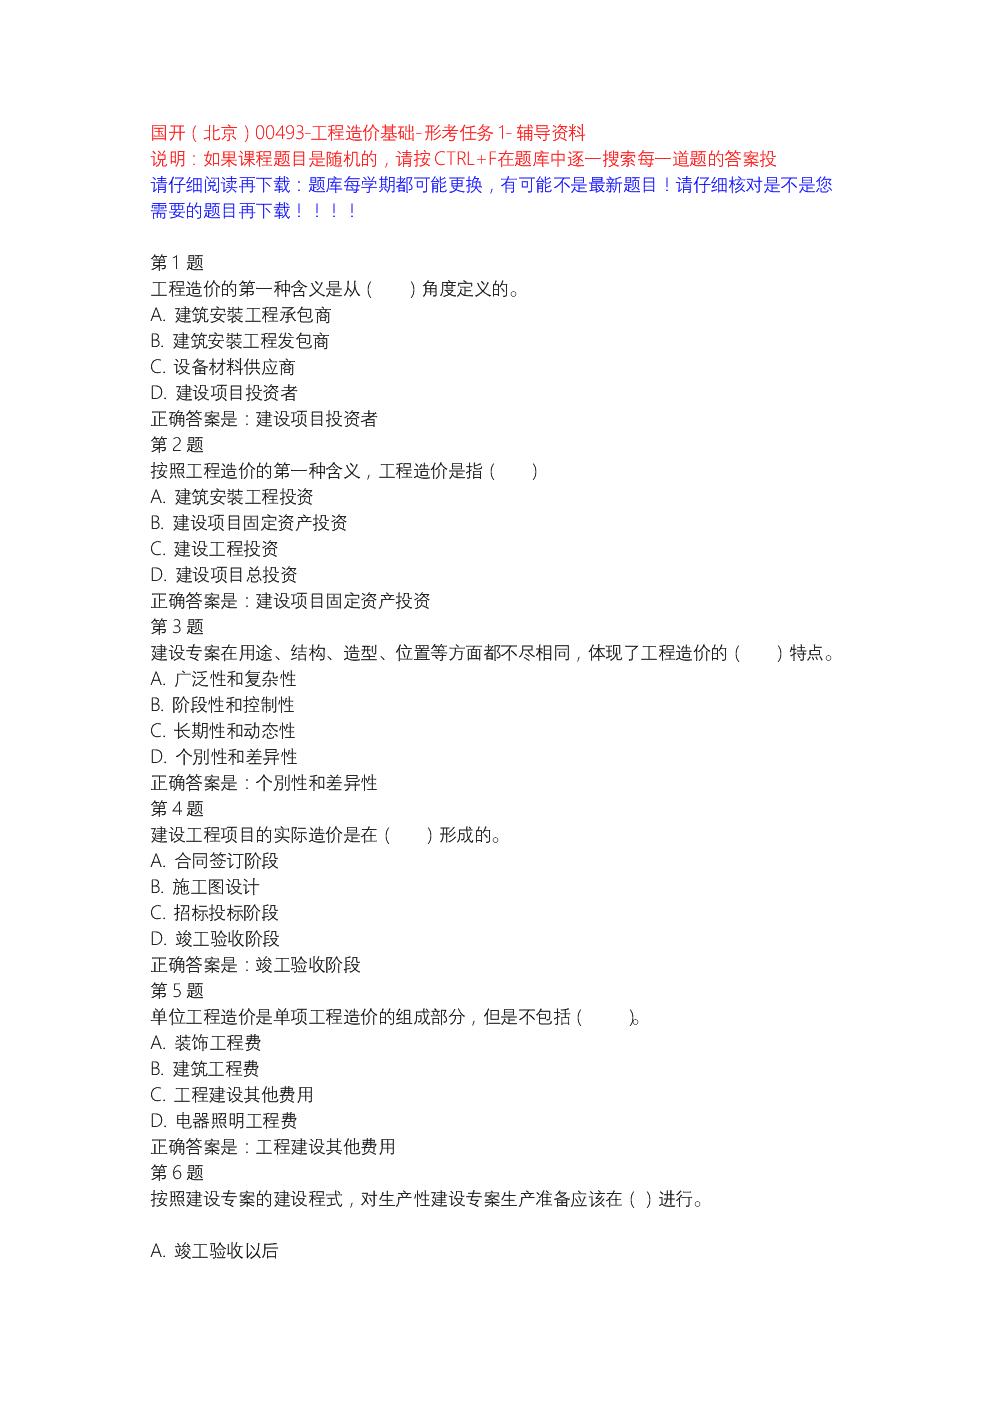 国开(北京)00493-工程造价基础-形考任务1-辅导资料.docx